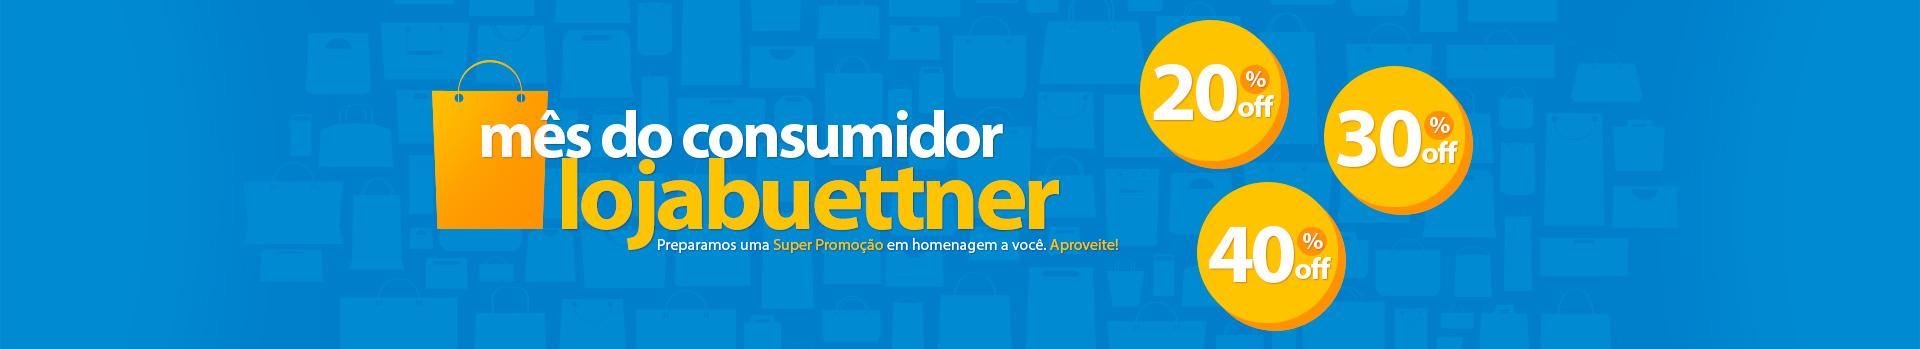 Slider Promo Desktop